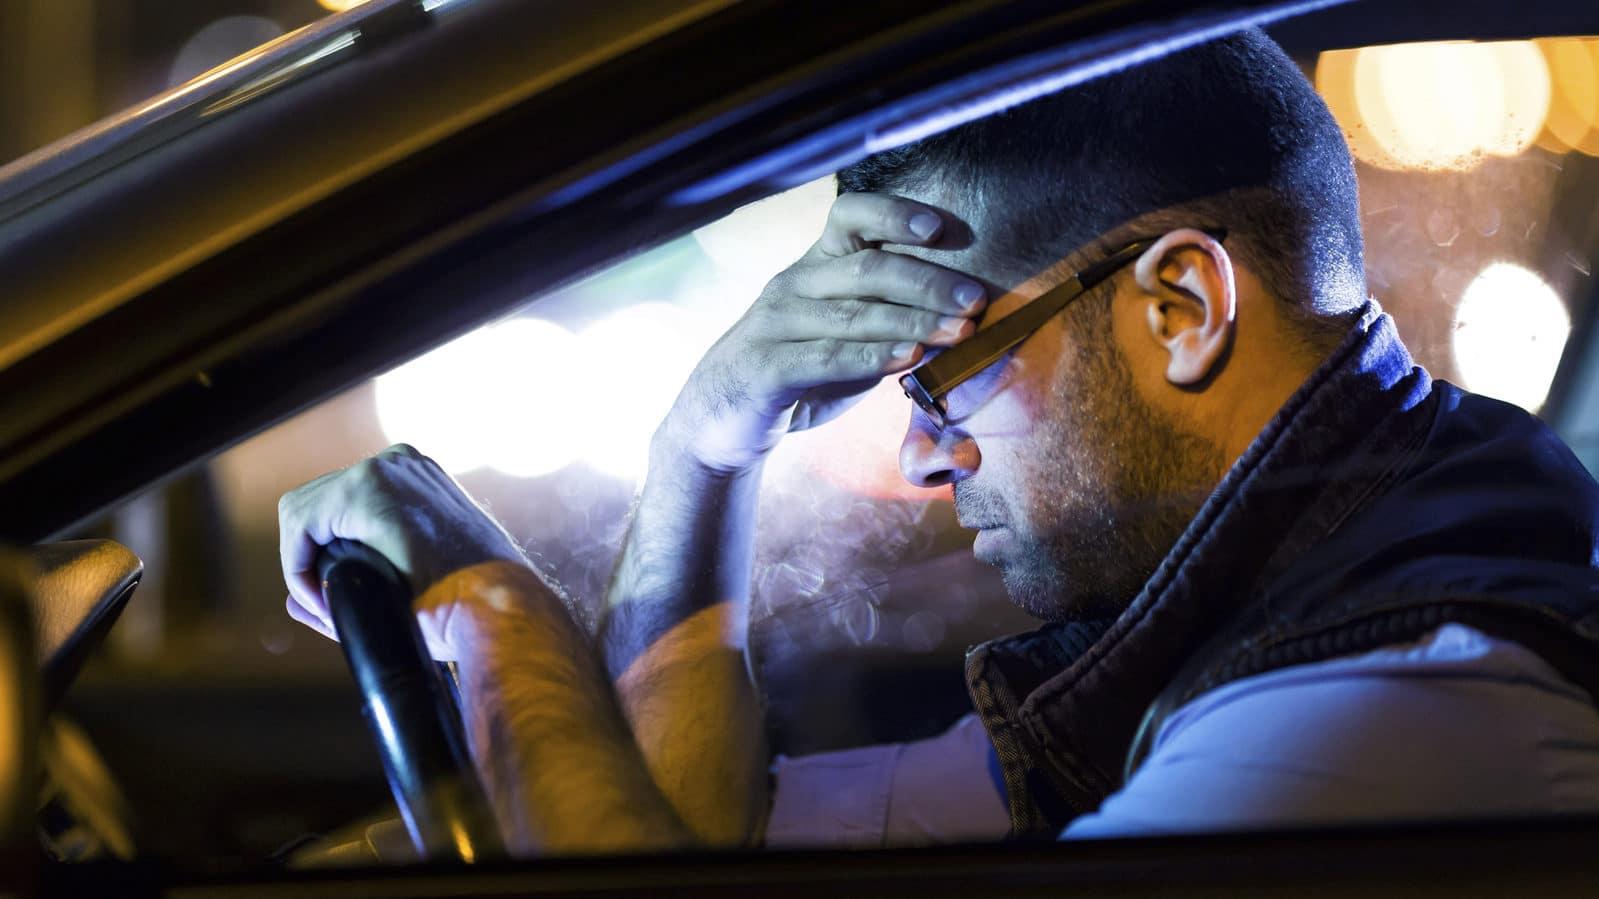 Driving a car at night fatigue